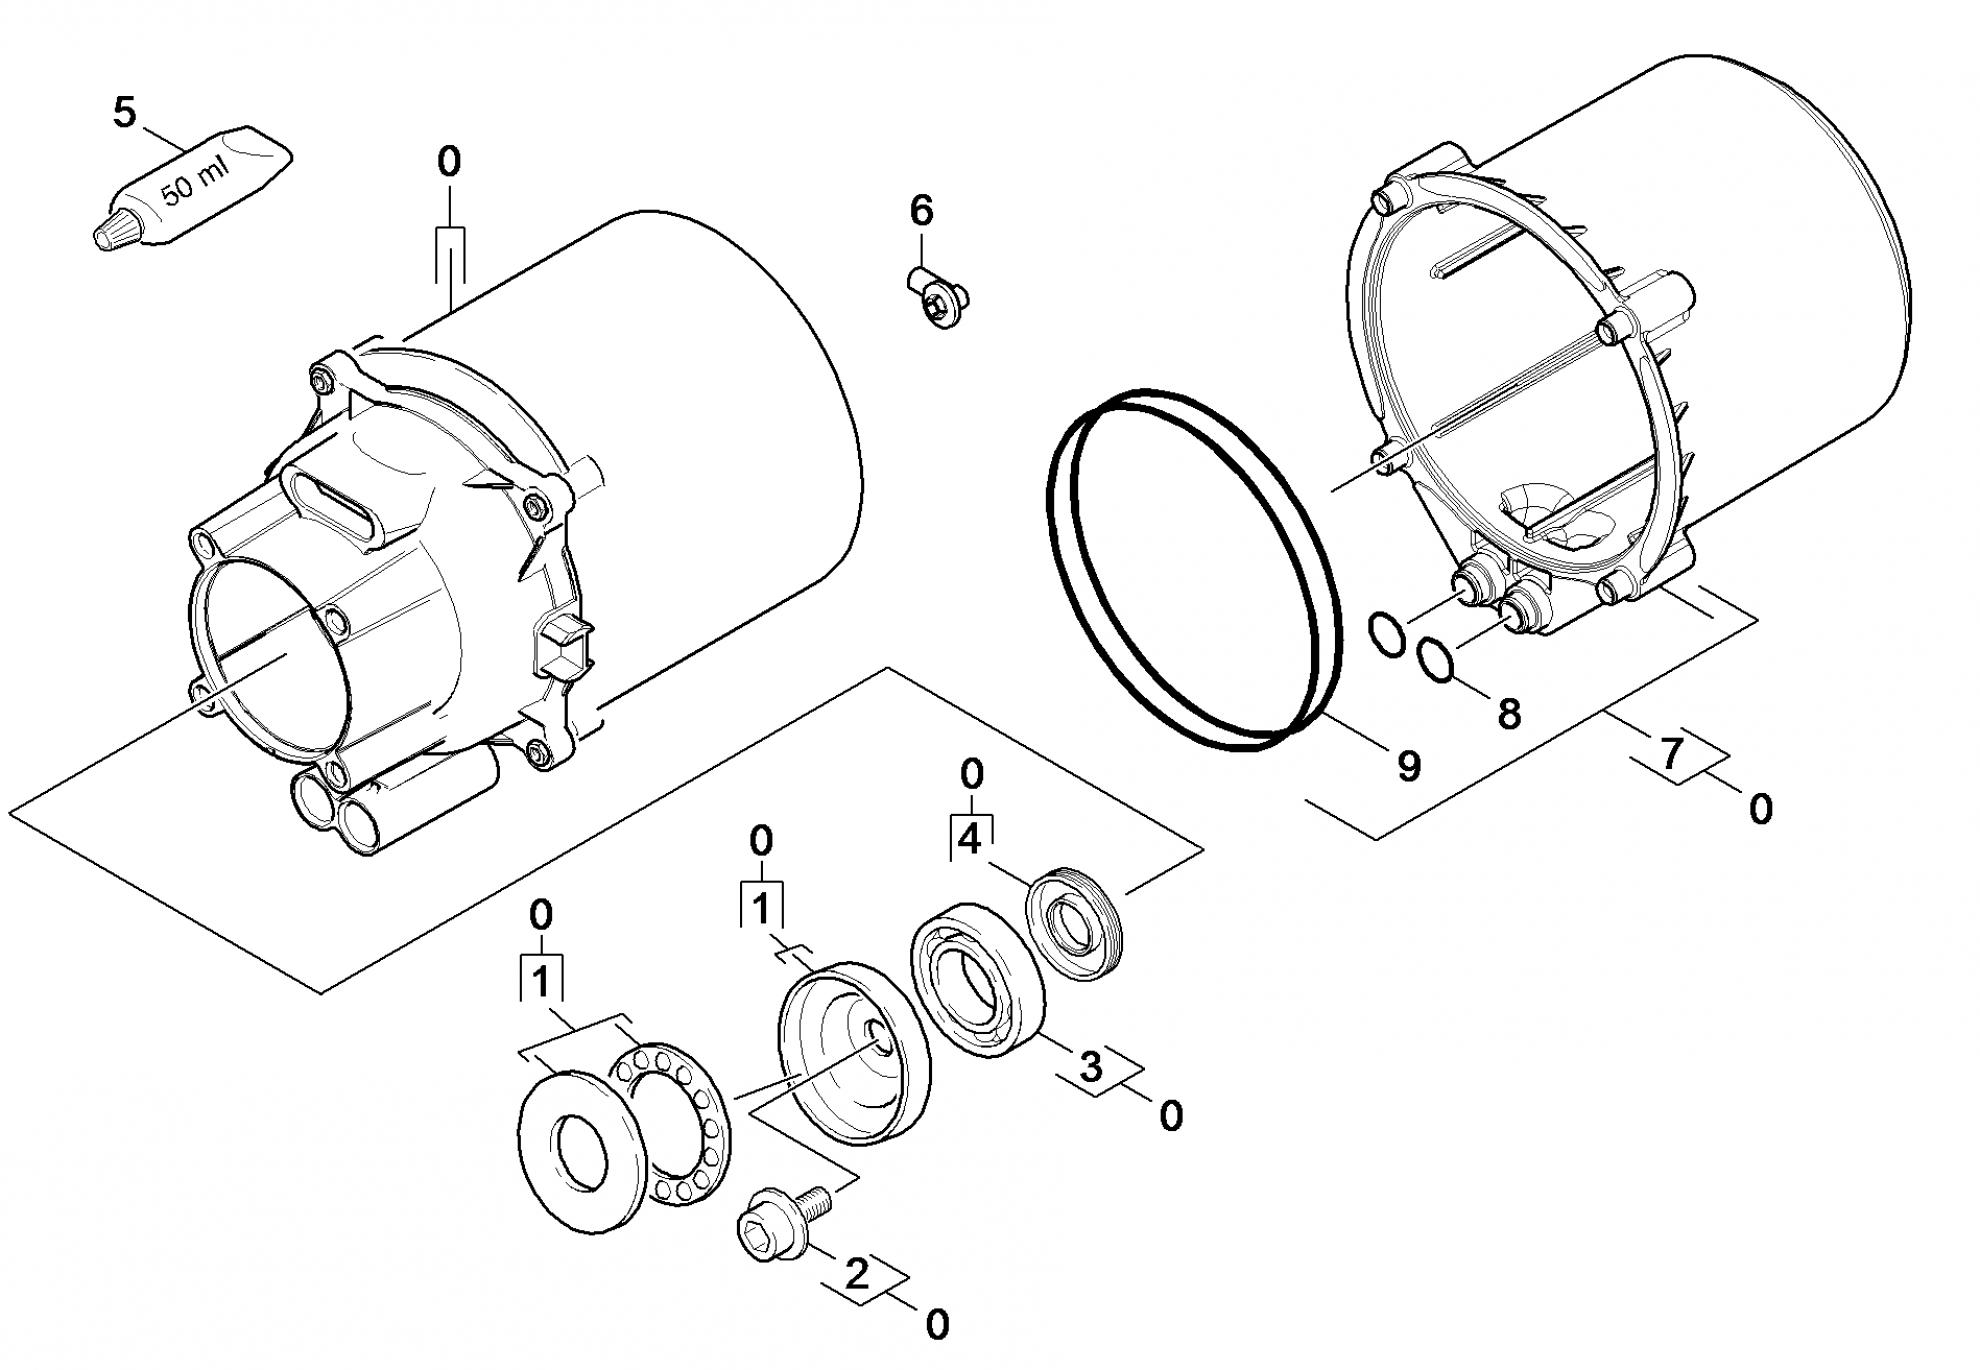 Pi ces d tach es nettoyeur haute pression karcher k 5 - Pieces detachees karcher ...